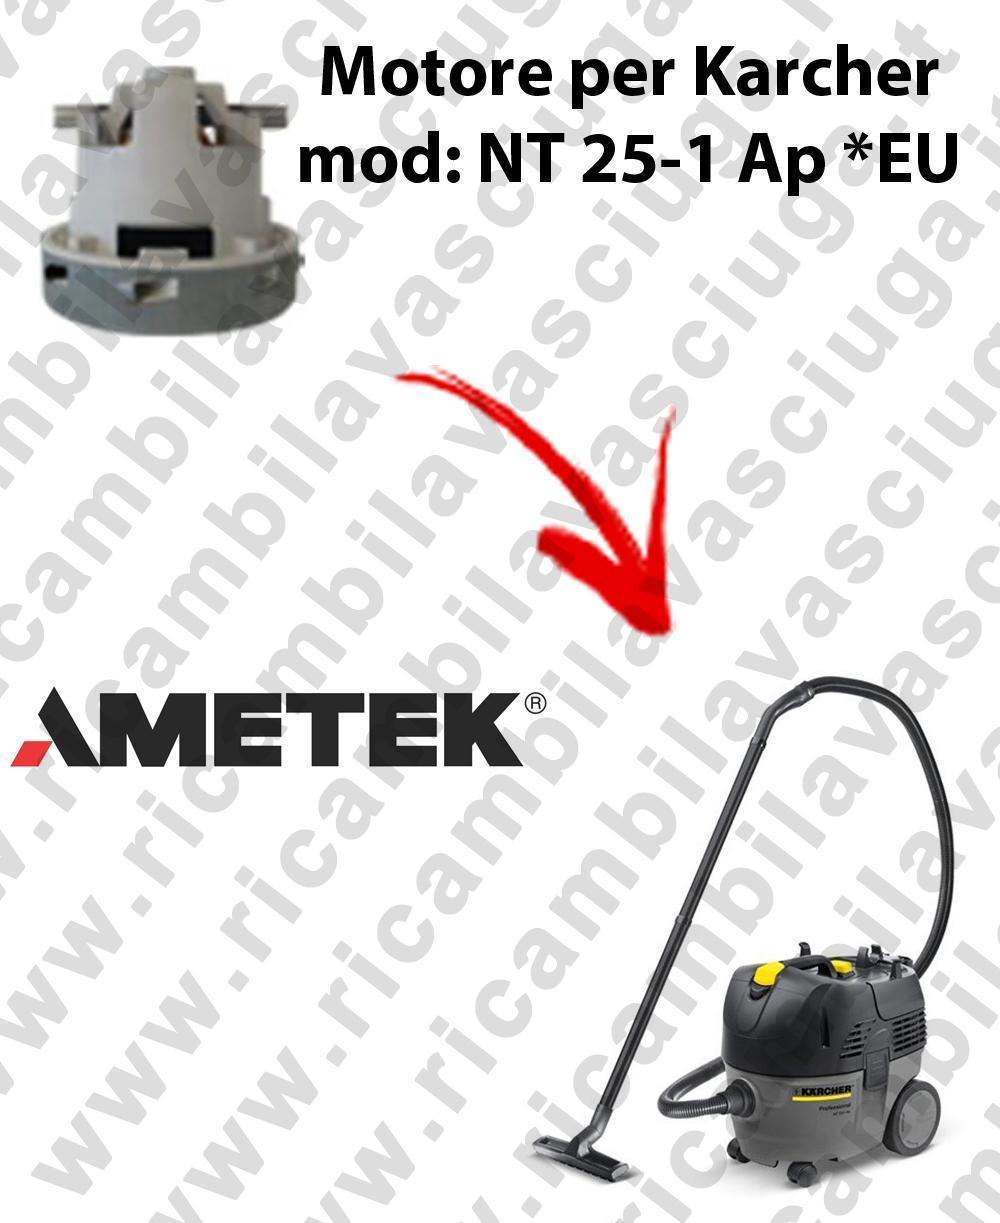 NT 25-1 Ap * EU  Ametek Vacuum Motor for vacuum cleaner KERCHER